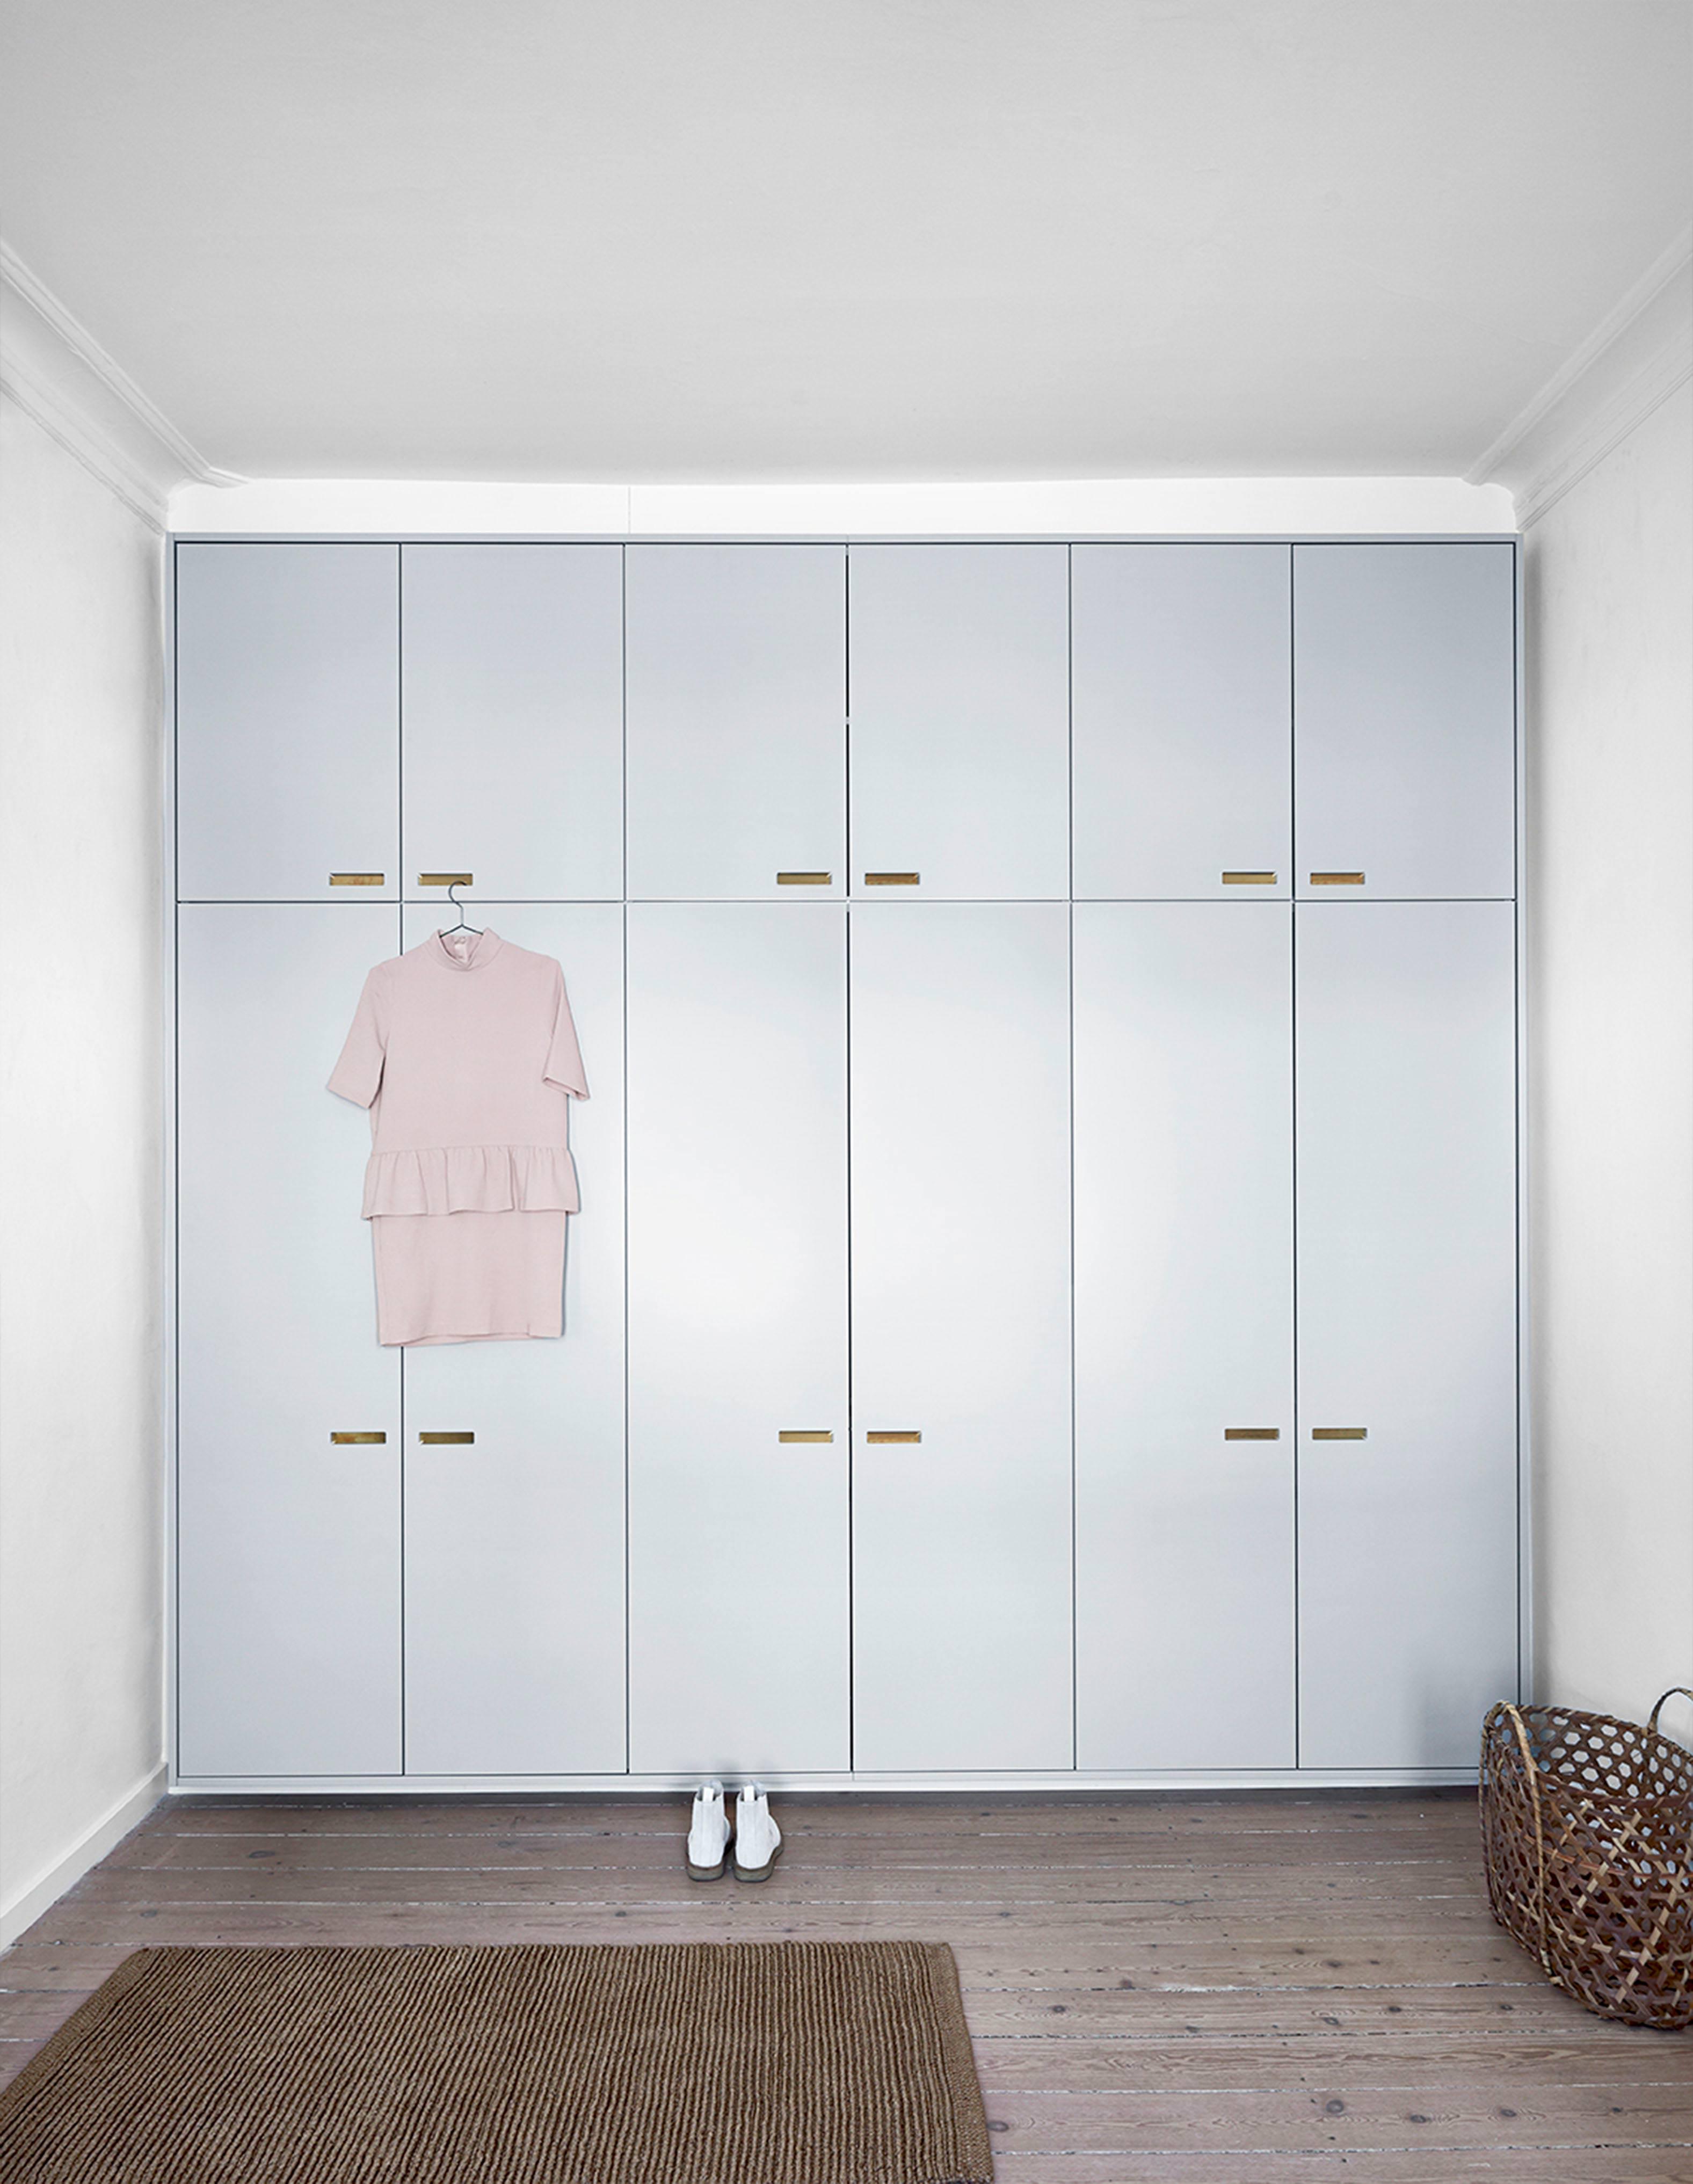 ikea-hack-designer-skab-garderobe-skabslåger-til-ikea-pax-painted-fronter-til-ikea-and-shufl-andshufl-1